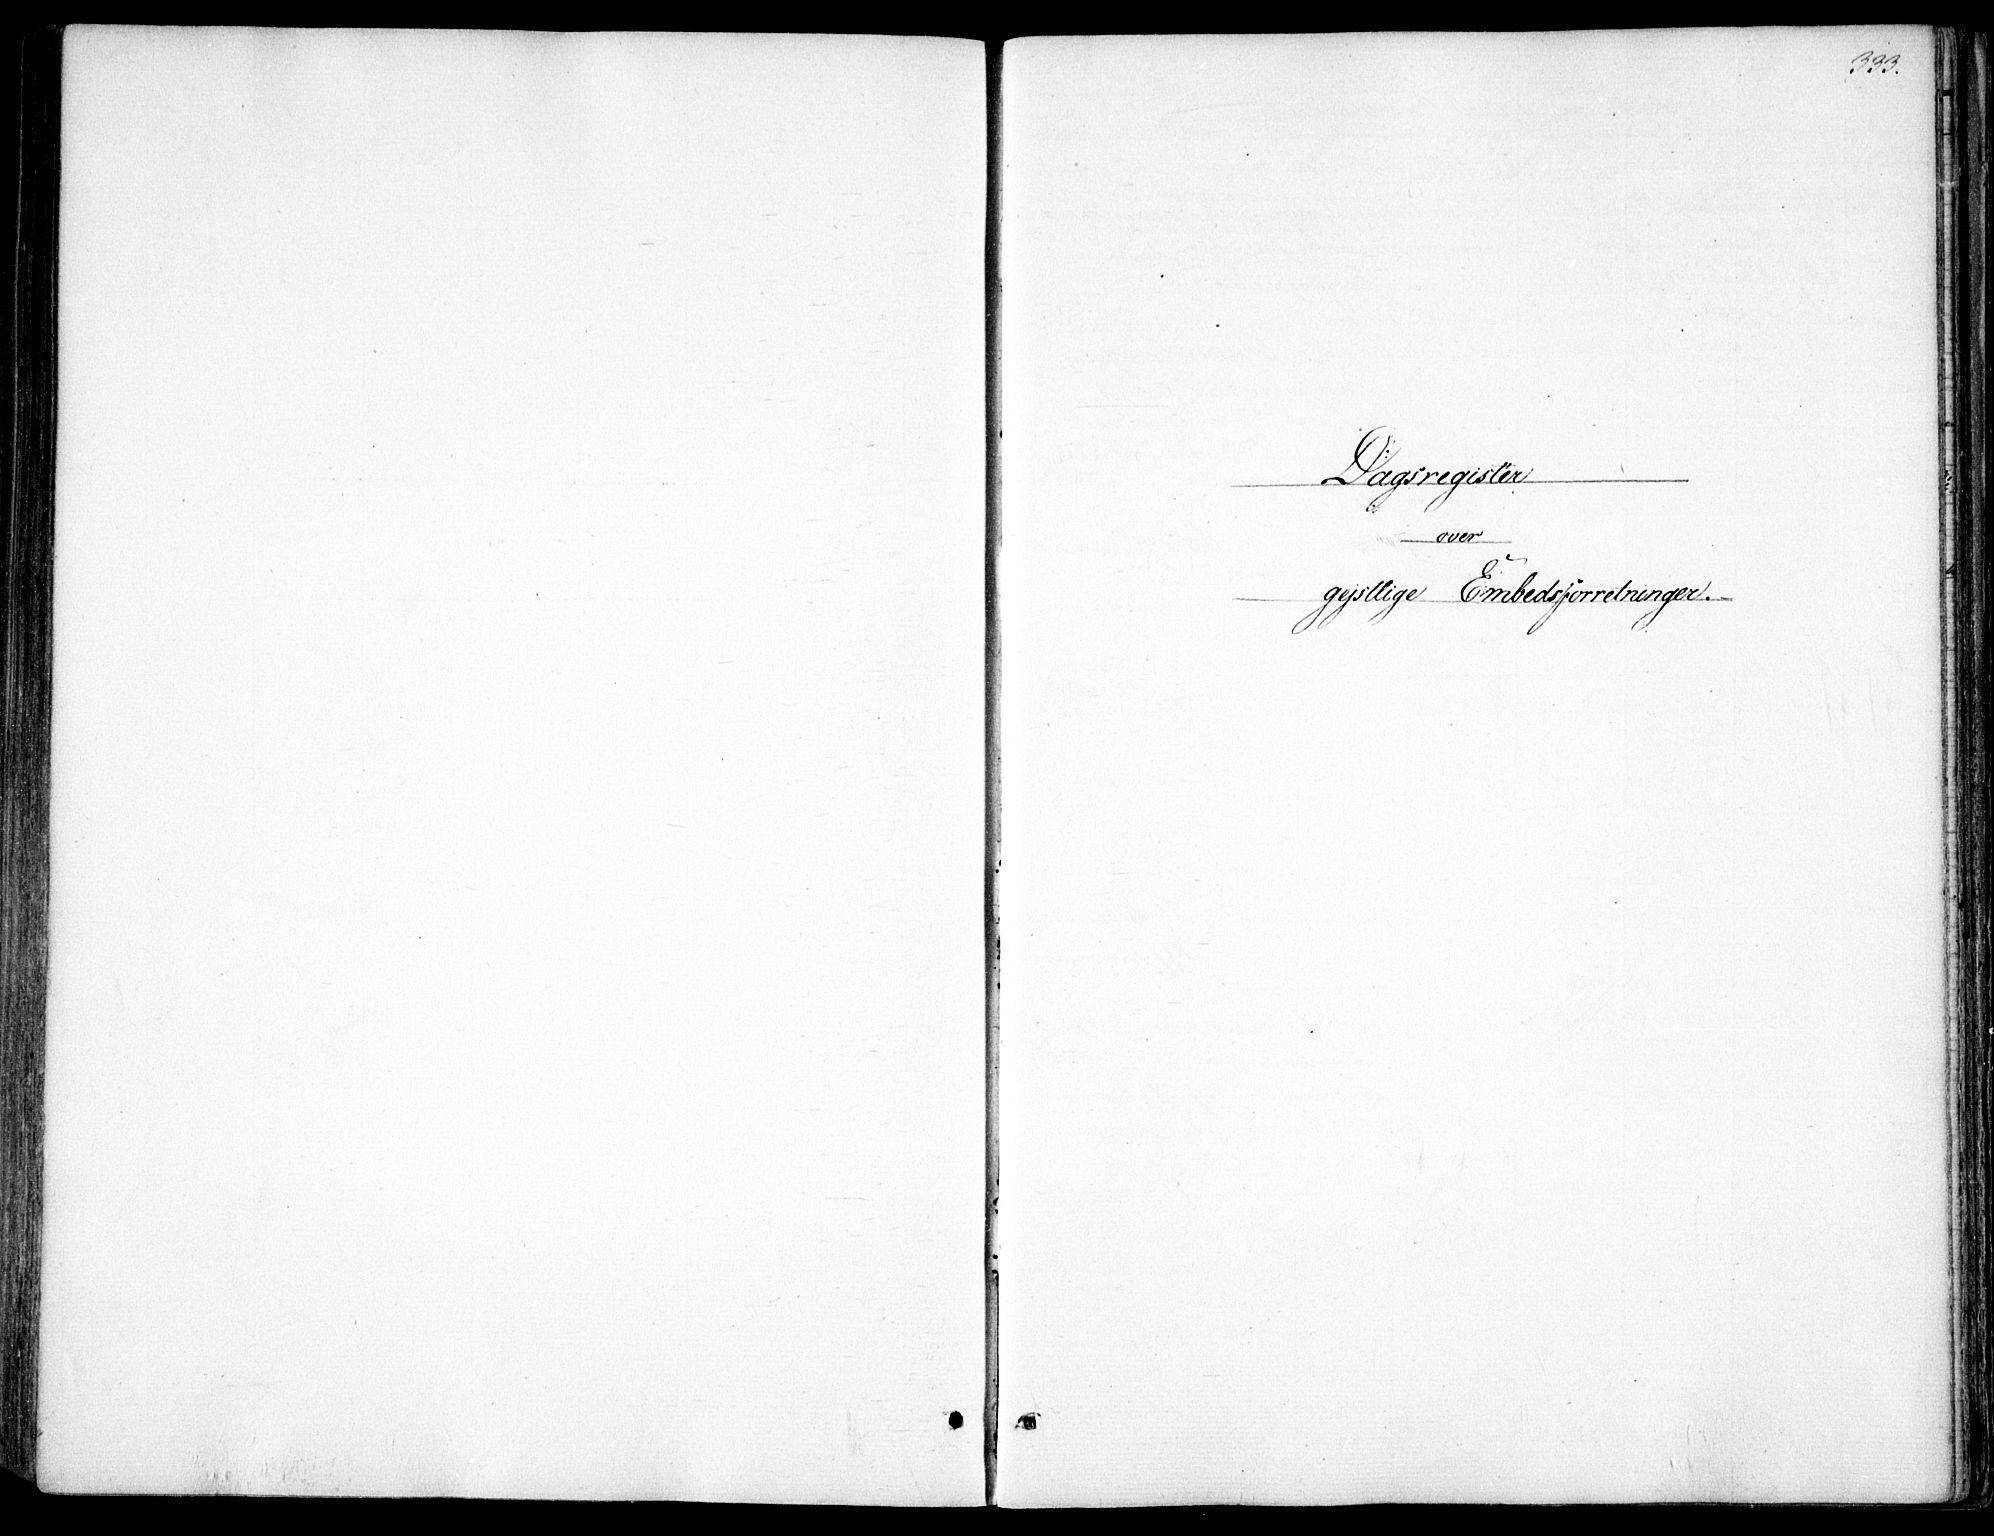 SAO, Garnisonsmenigheten Kirkebøker, F/Fa/L0009: Ministerialbok nr. 9, 1842-1859, s. 333